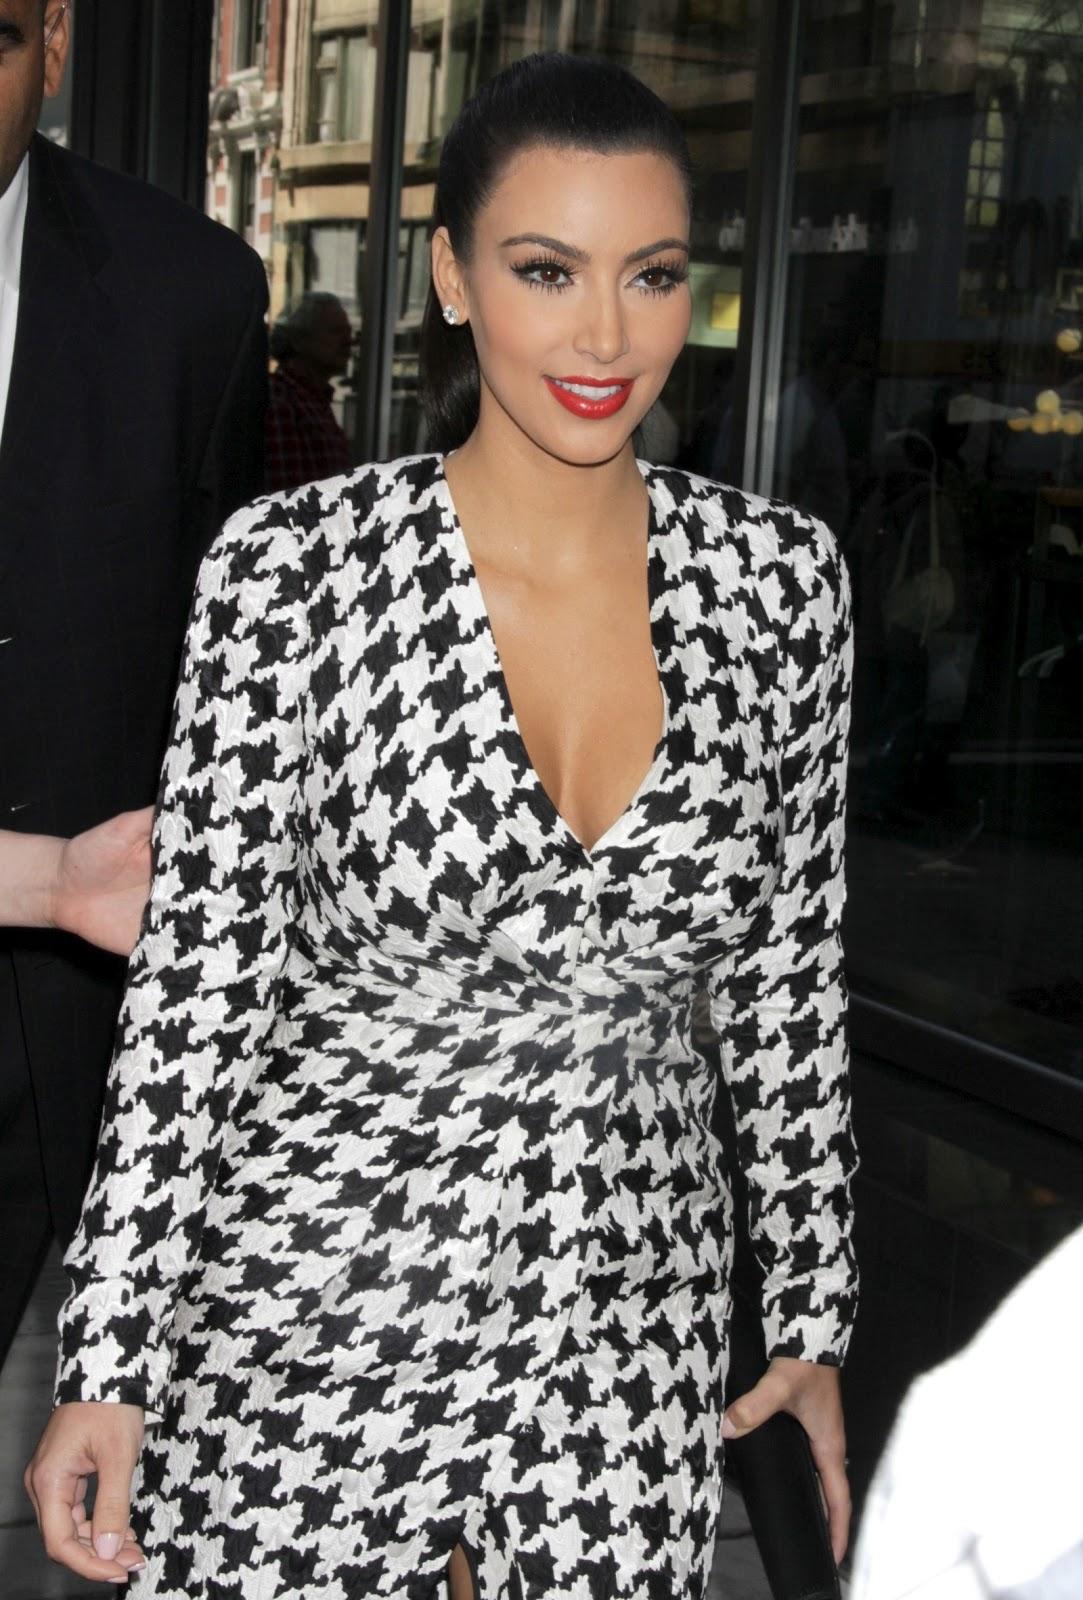 http://4.bp.blogspot.com/-UFds4vTmJwM/TpL9Dh286mI/AAAAAAAAAuI/h1IN6LyLbBQ/s1600/Kim-Kardashian-122.jpg